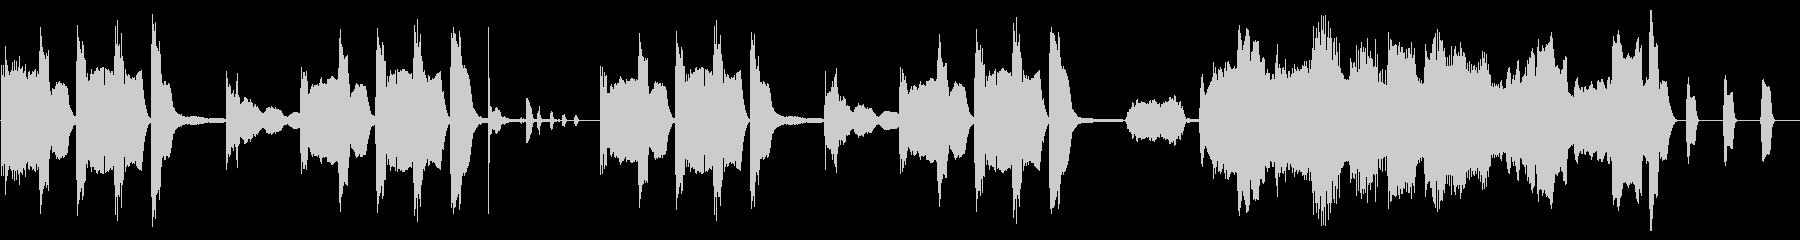 【ループ】ミスや失敗時の残念なコミカル曲の未再生の波形